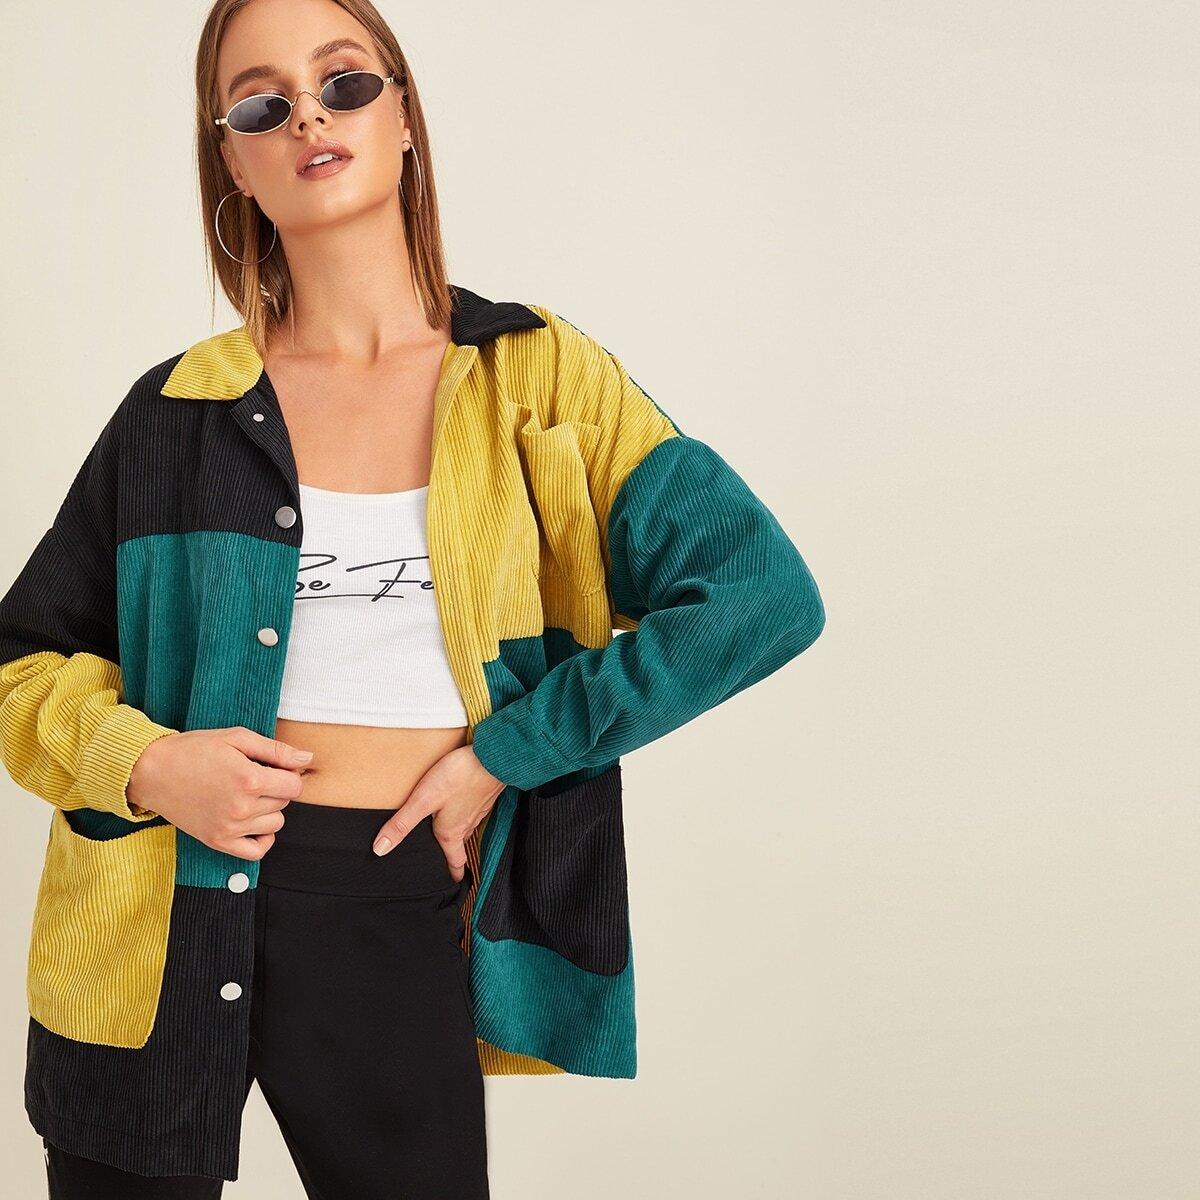 SHEIN / Mantel mit Tasche vorn und Farbblock